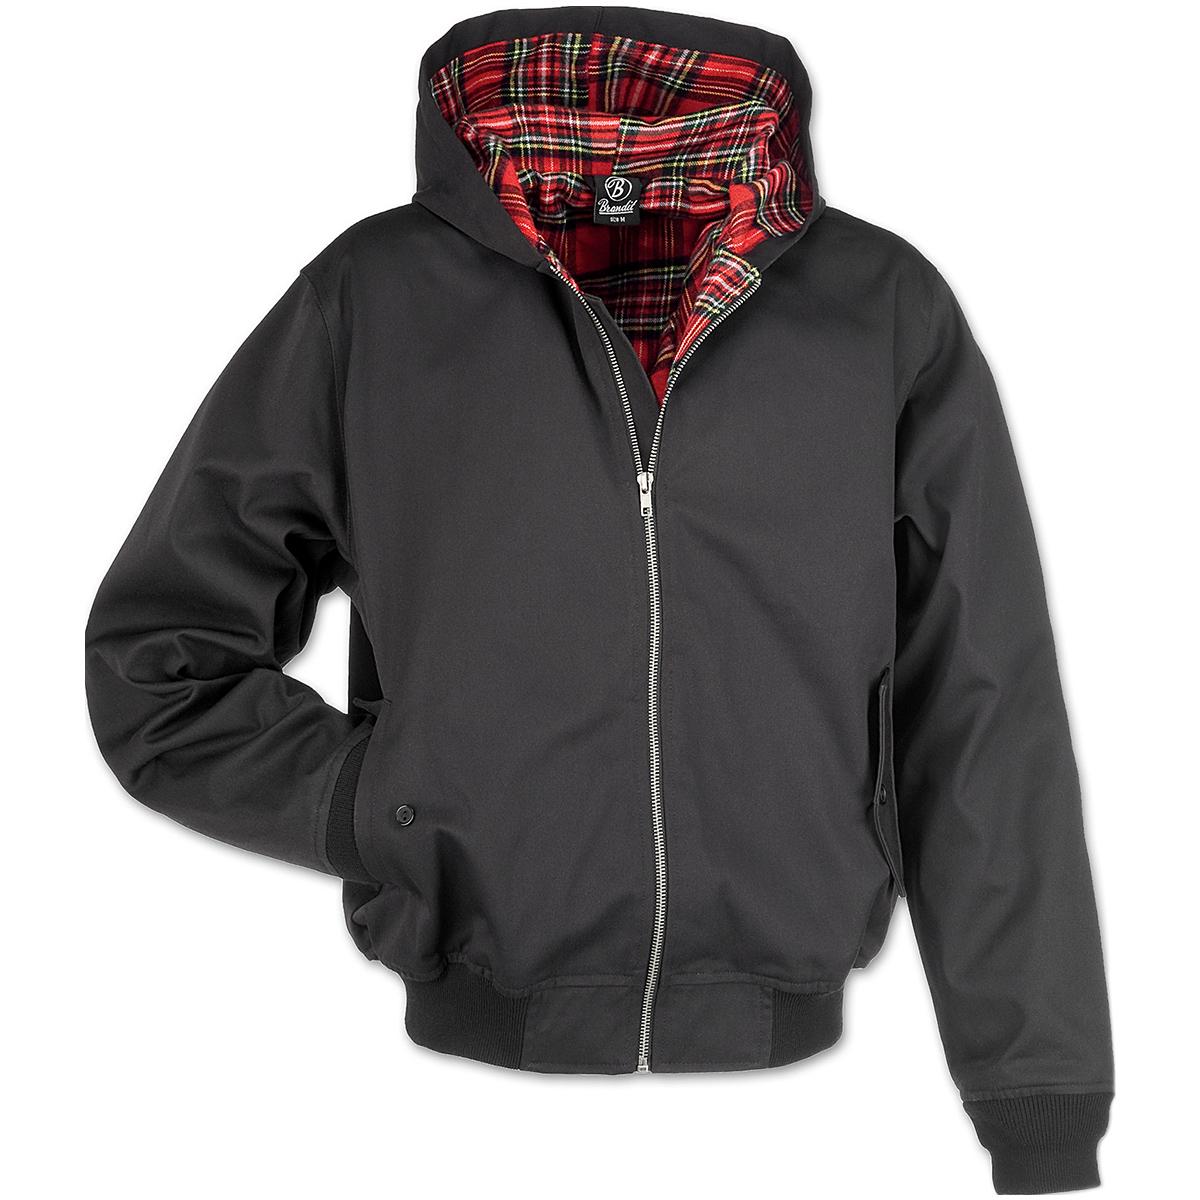 Manteau veste anglais